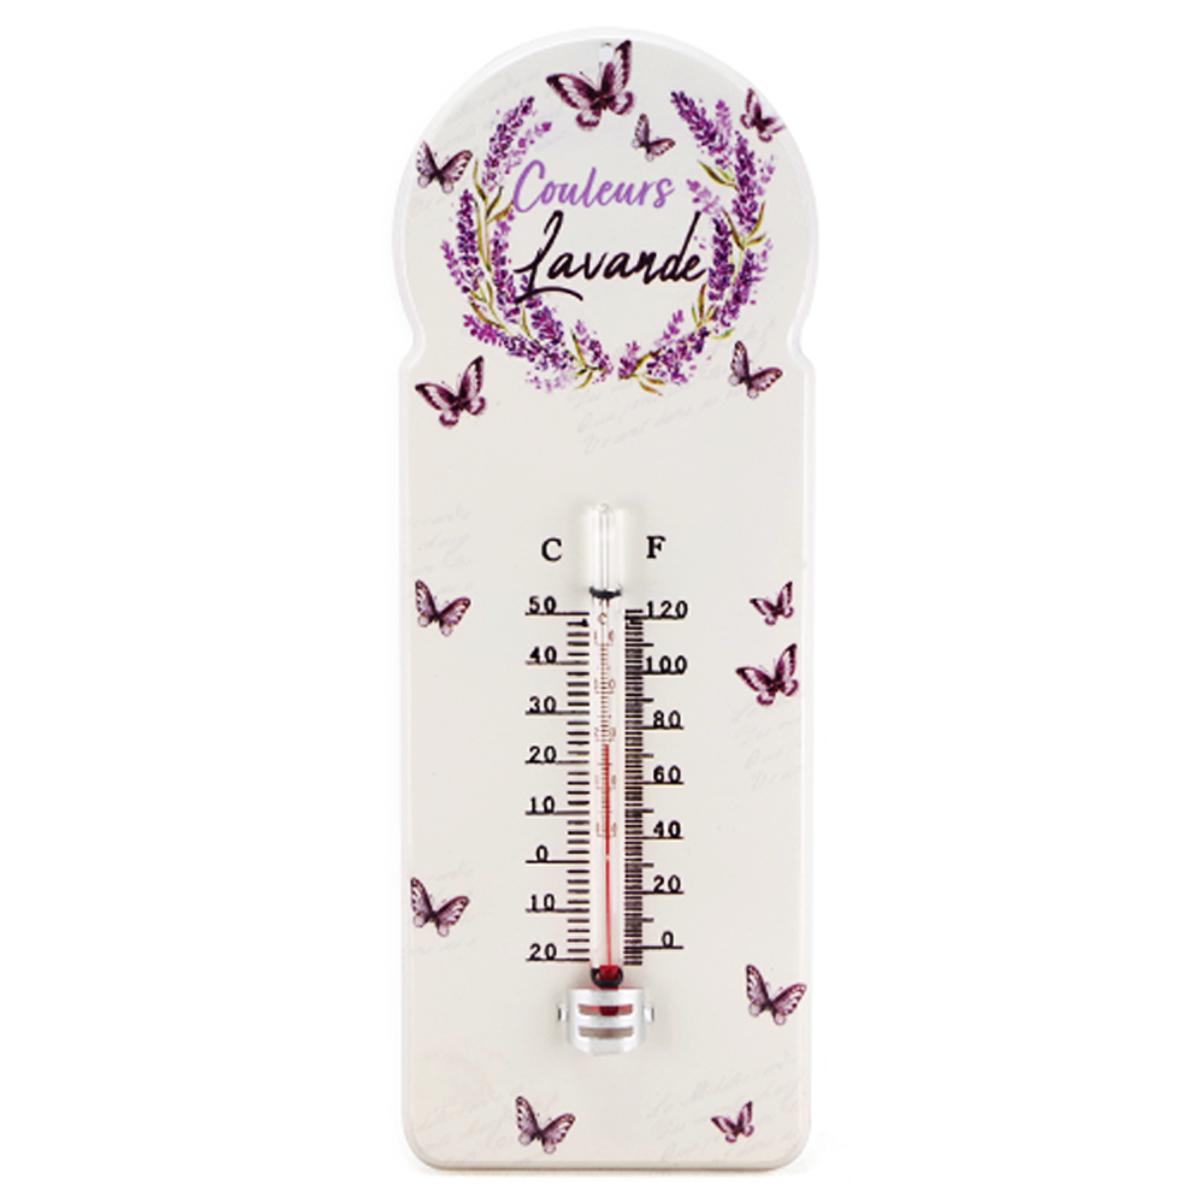 Thermomètre métal vintage \'Couleurs Lavande\' violet ivoire - 29x10 cm - [A2460]